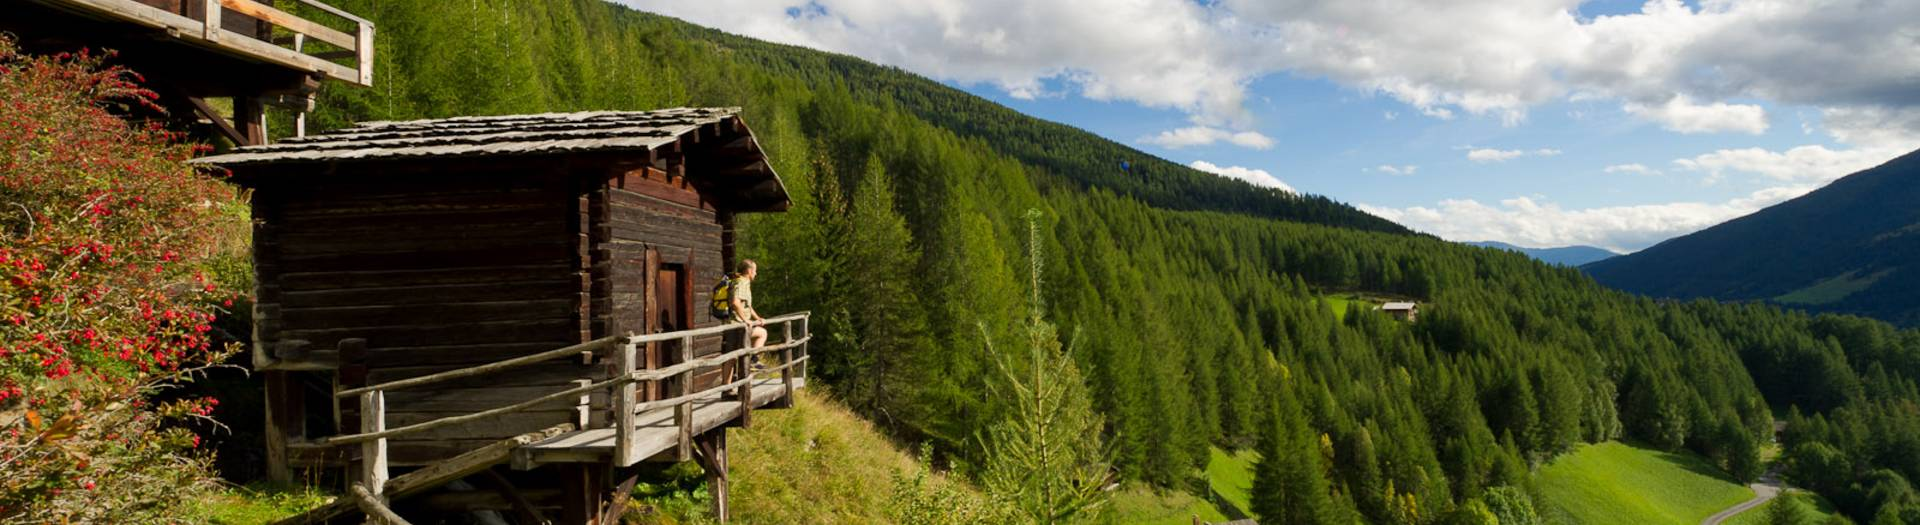 Apriacher Stockmühlen in Heiligenblut im Nationalpark Hohe Tauern